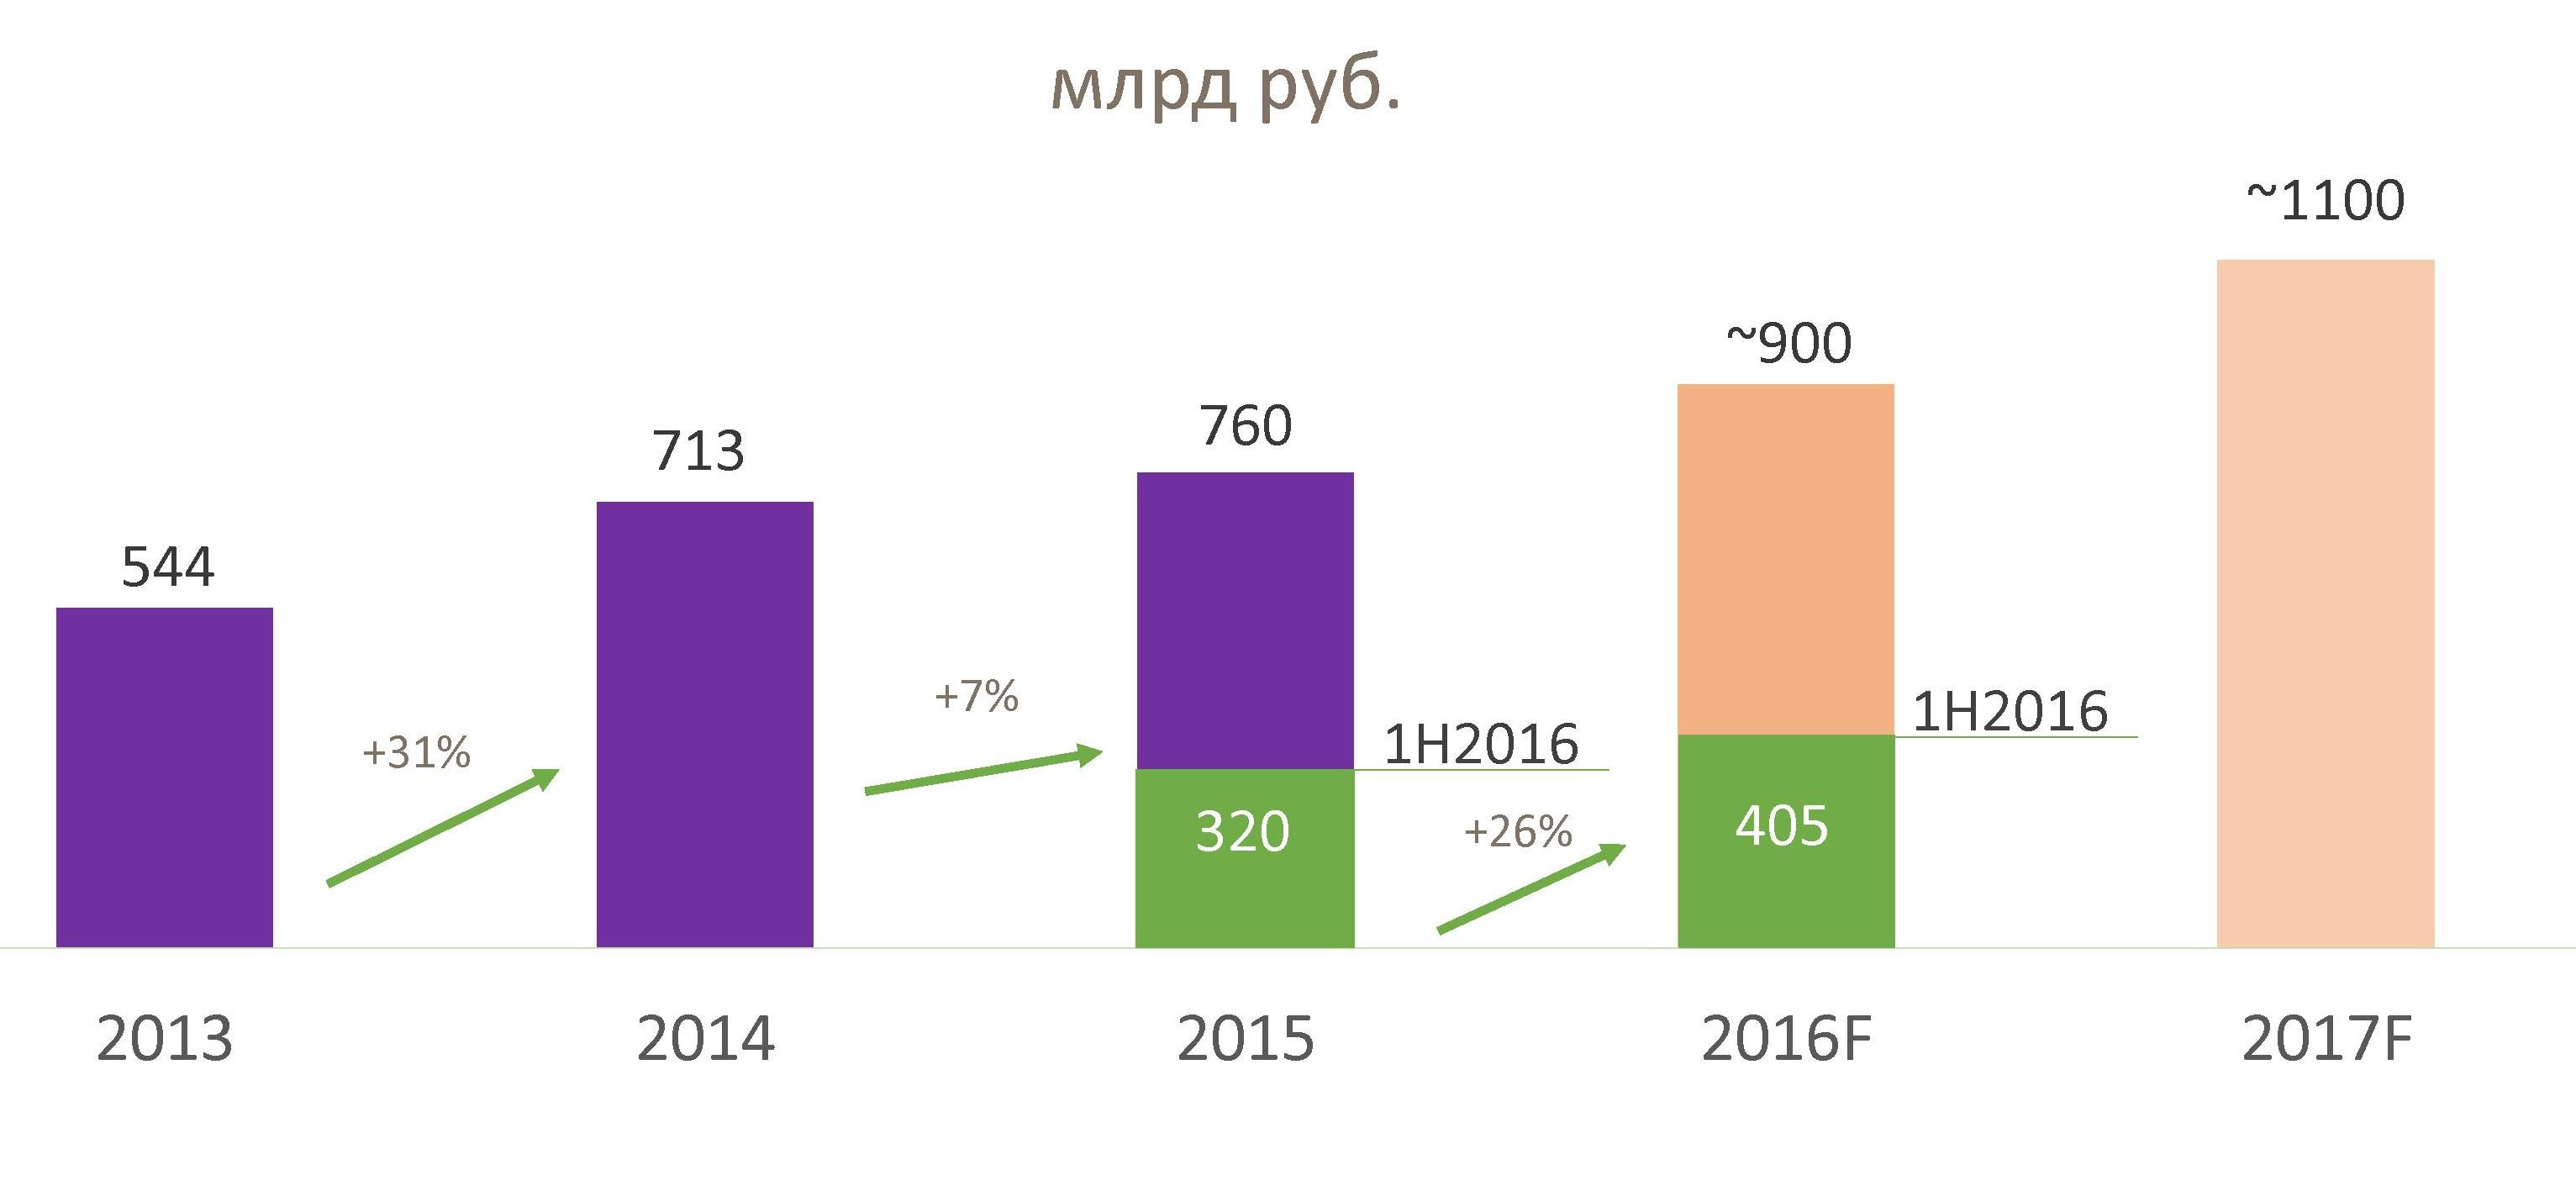 Российский интернет-ритейл и трансграничная онлайн-торговля – итоги, прогнозы, предложения, мнения